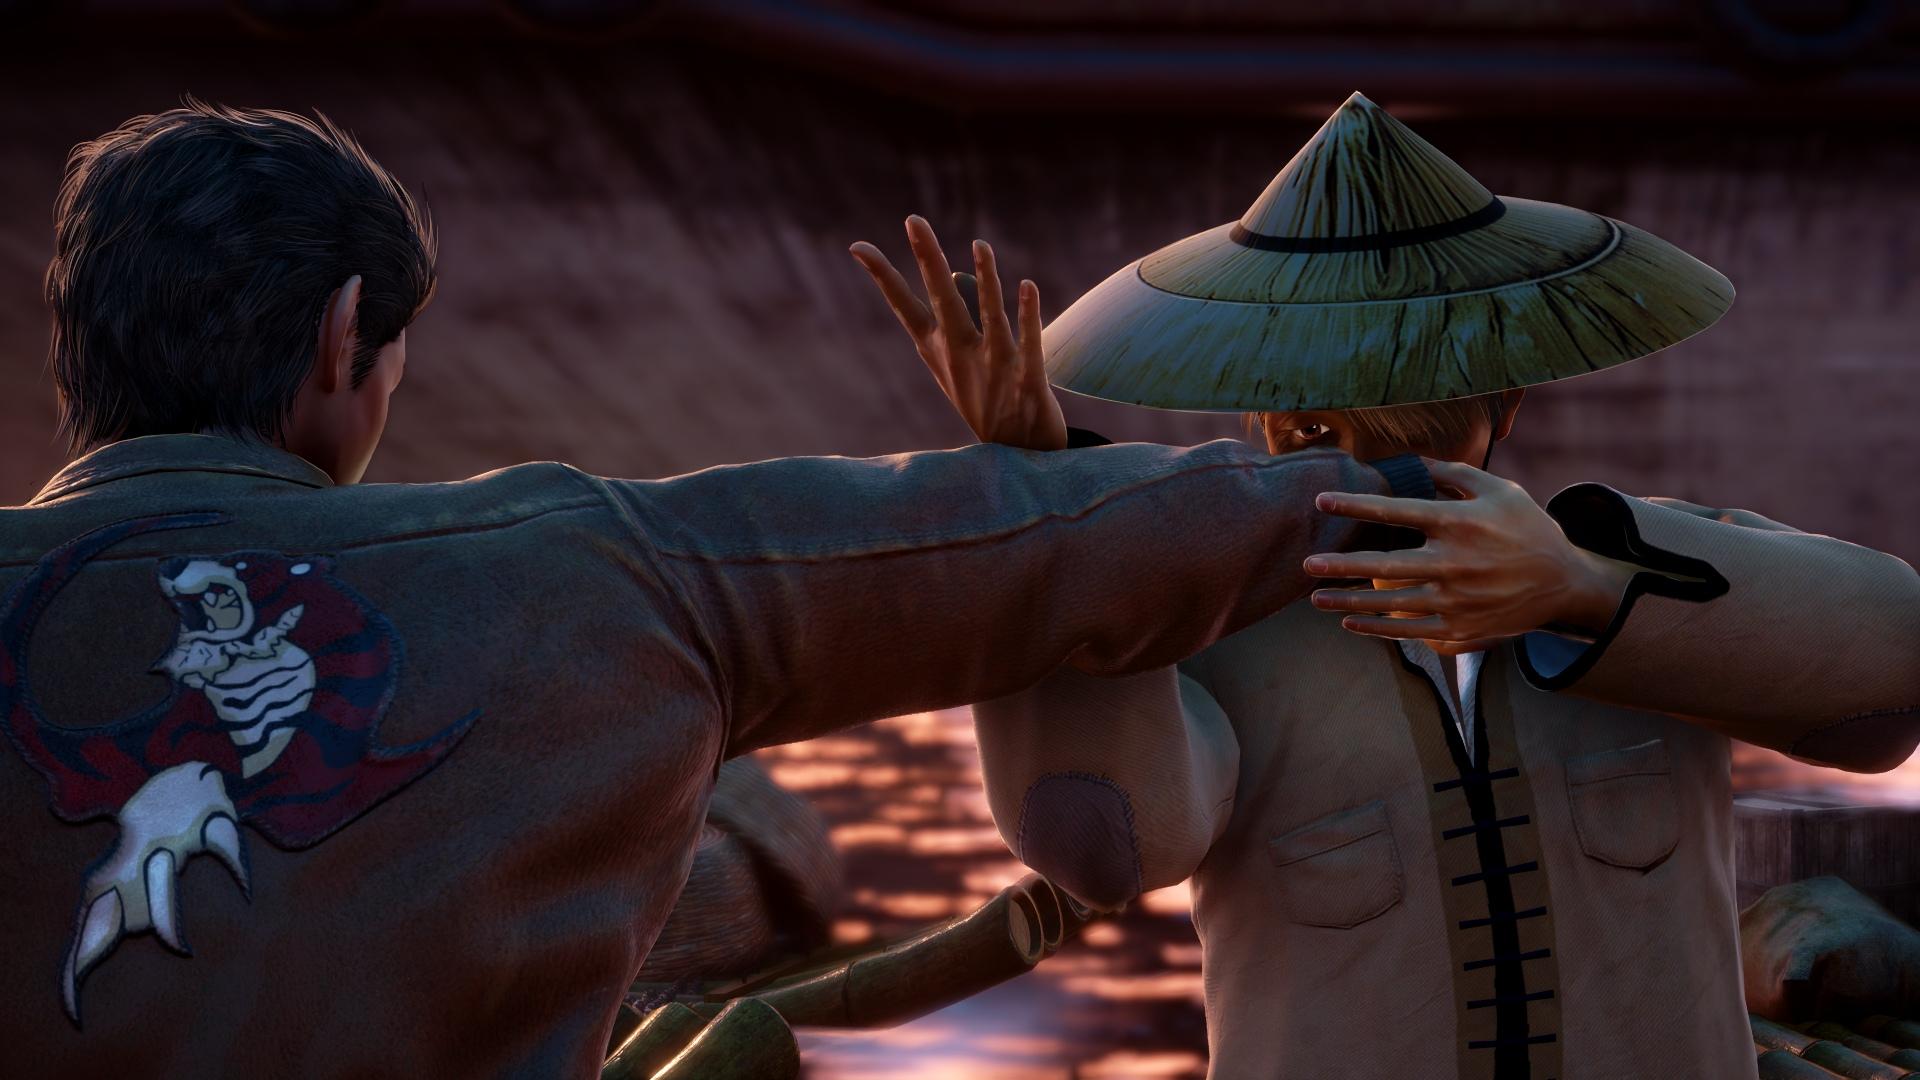 Epic Games cubrirá los reembolsos de Shenmue III para PC